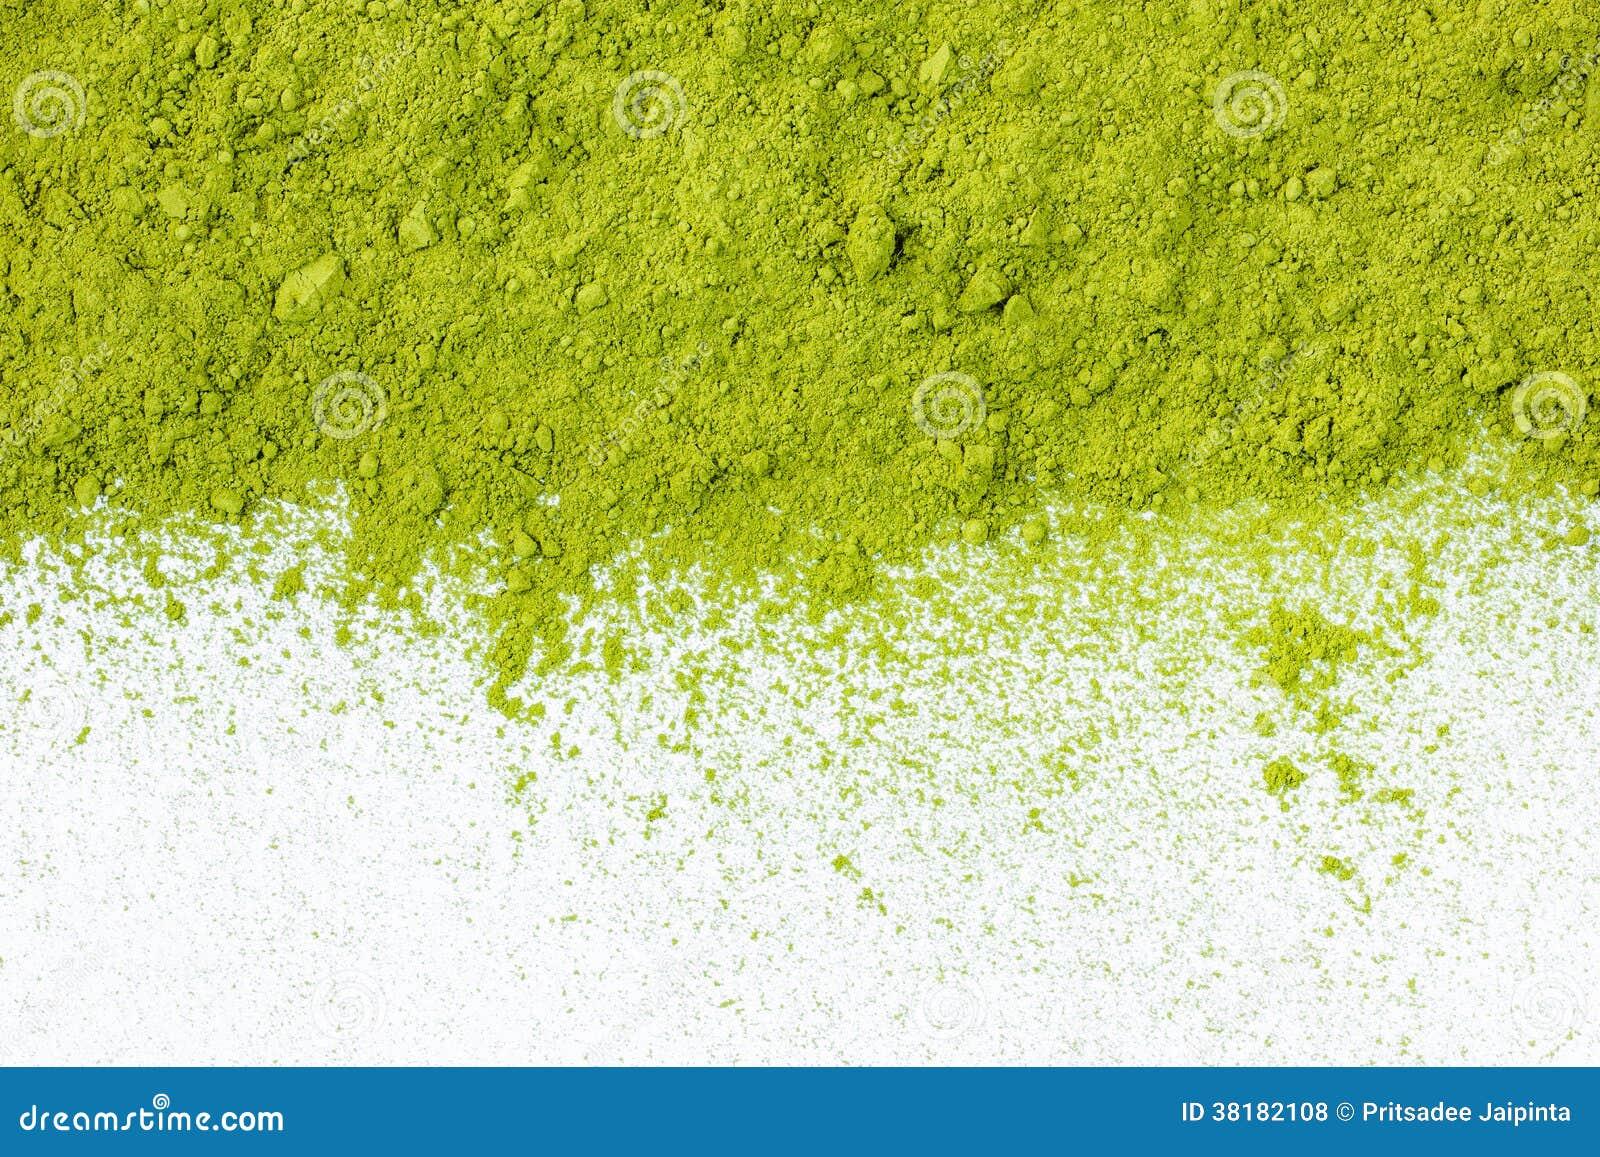 Граница напудренного конца взгляд сверху зеленого чая вверх